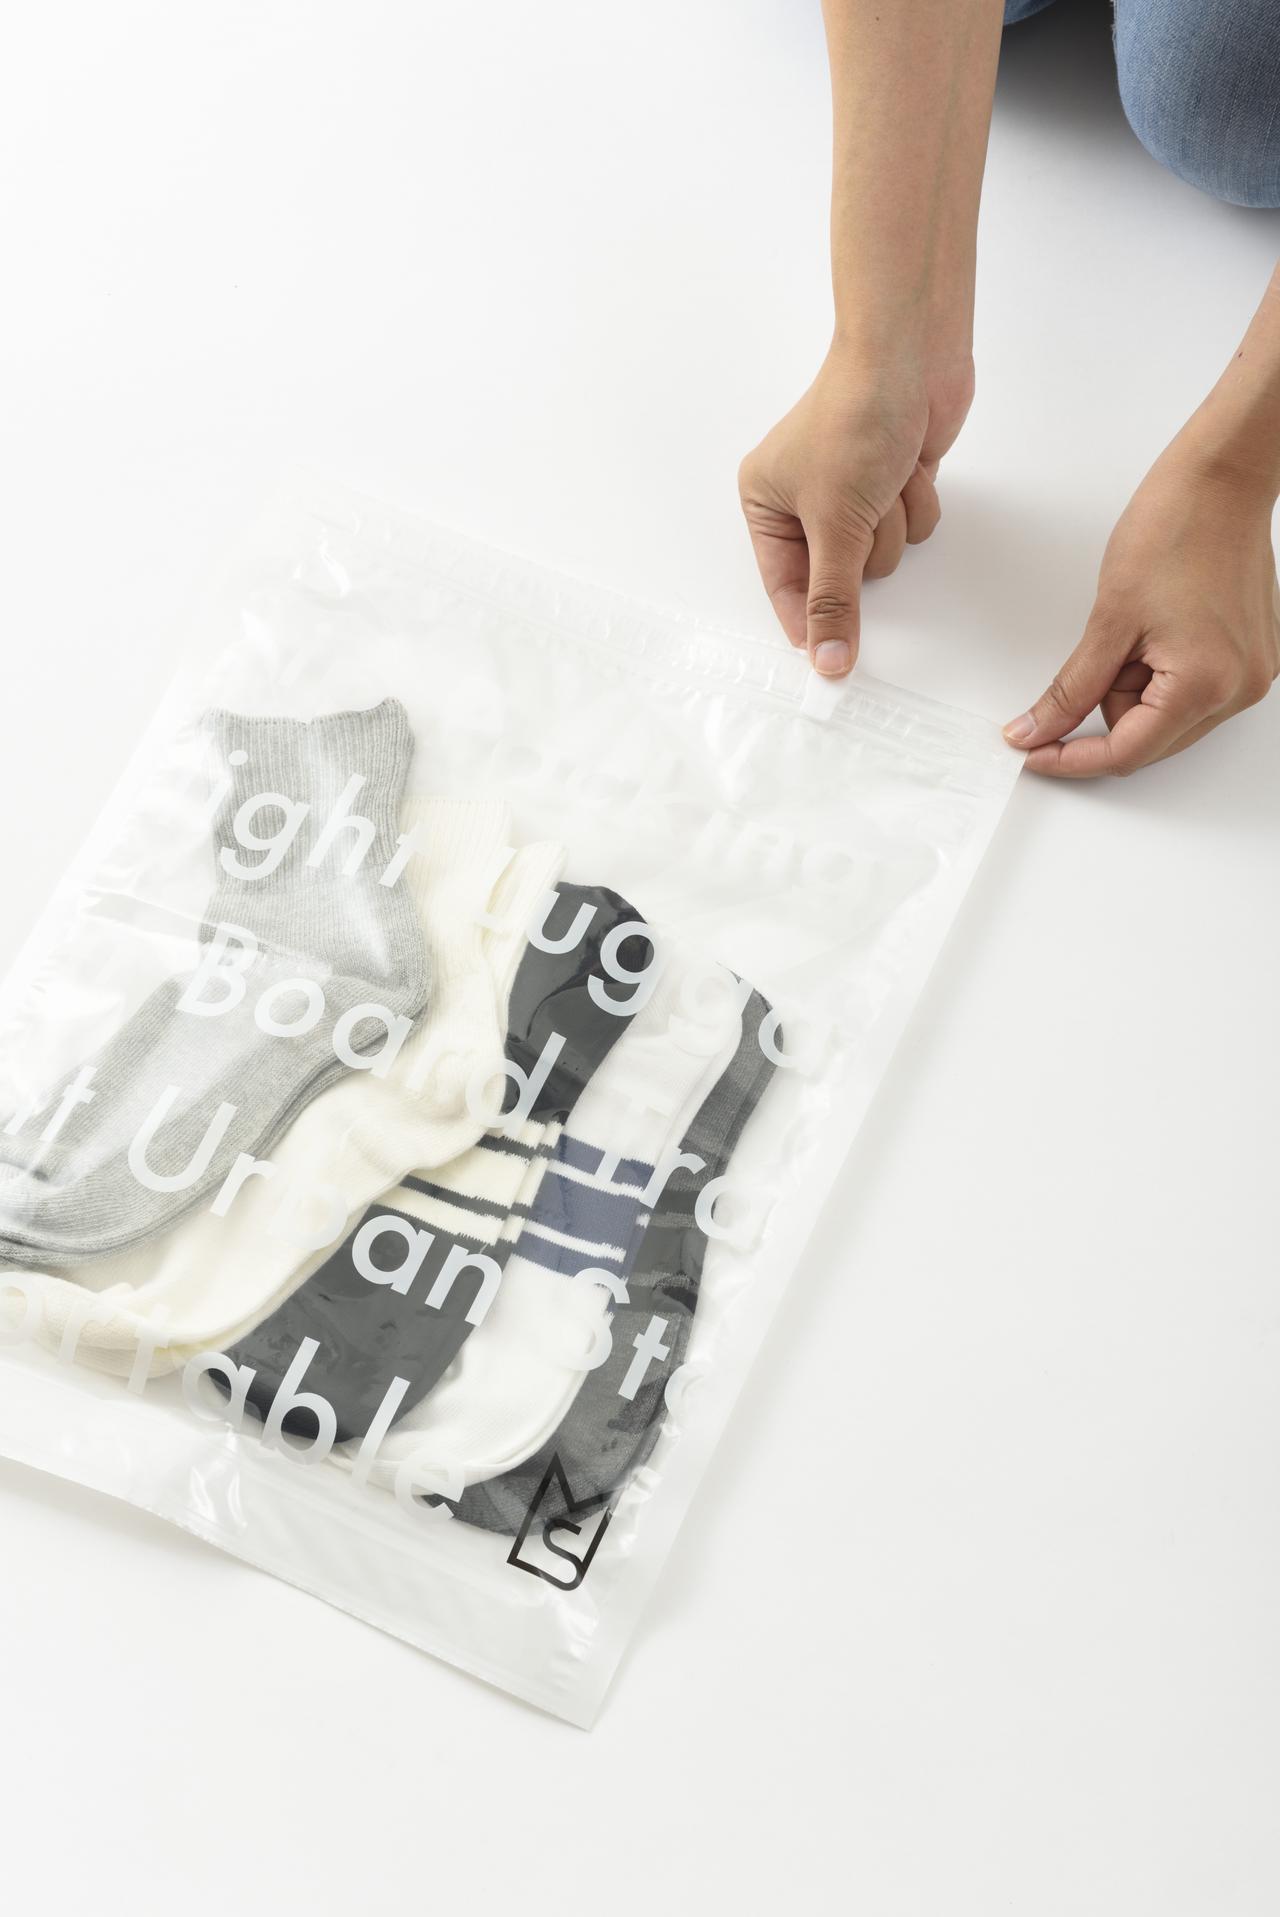 画像3: 旅の必需品!「トラベル用圧縮袋」の4サイズセット新発売